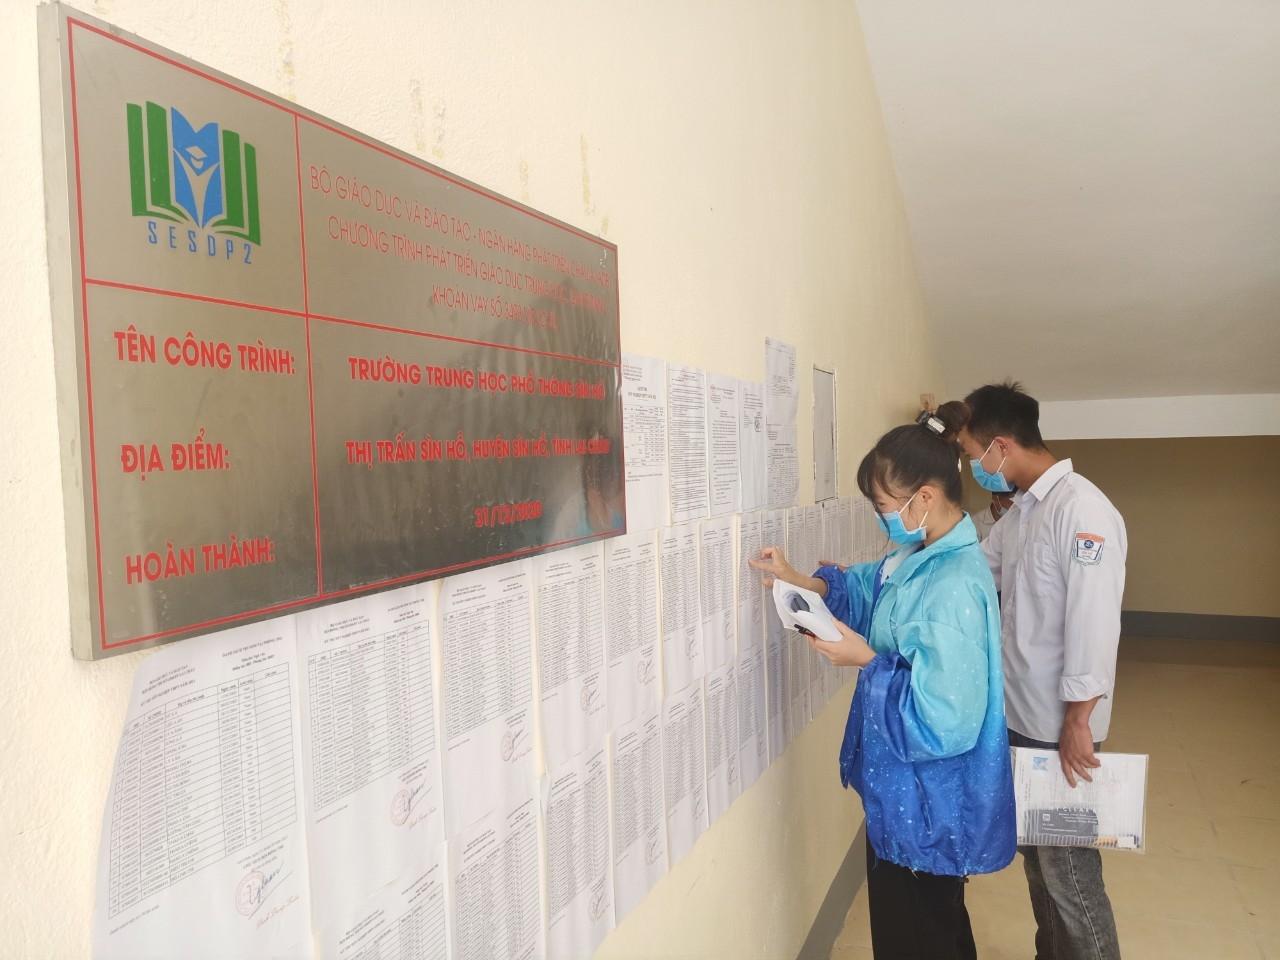 Sở GD&ĐT Lai châu dự kiến hoàn thành chấm thi vào ngày 22/7/2021. Ảnh: BGDTĐ